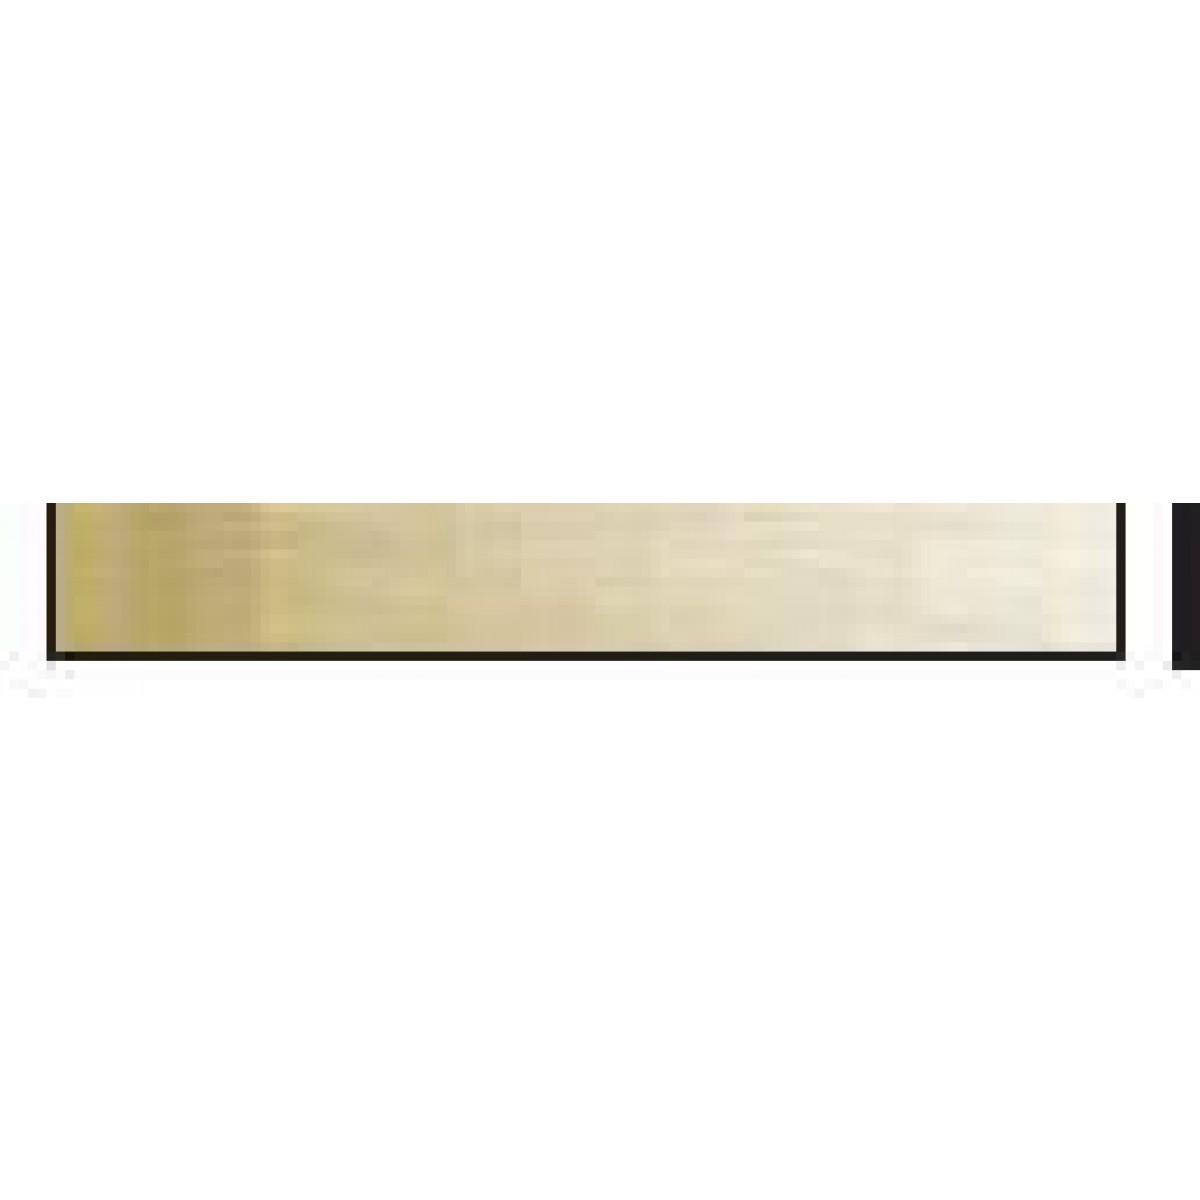 8539 Kunstnerkvalitet soft pastel Olive green light